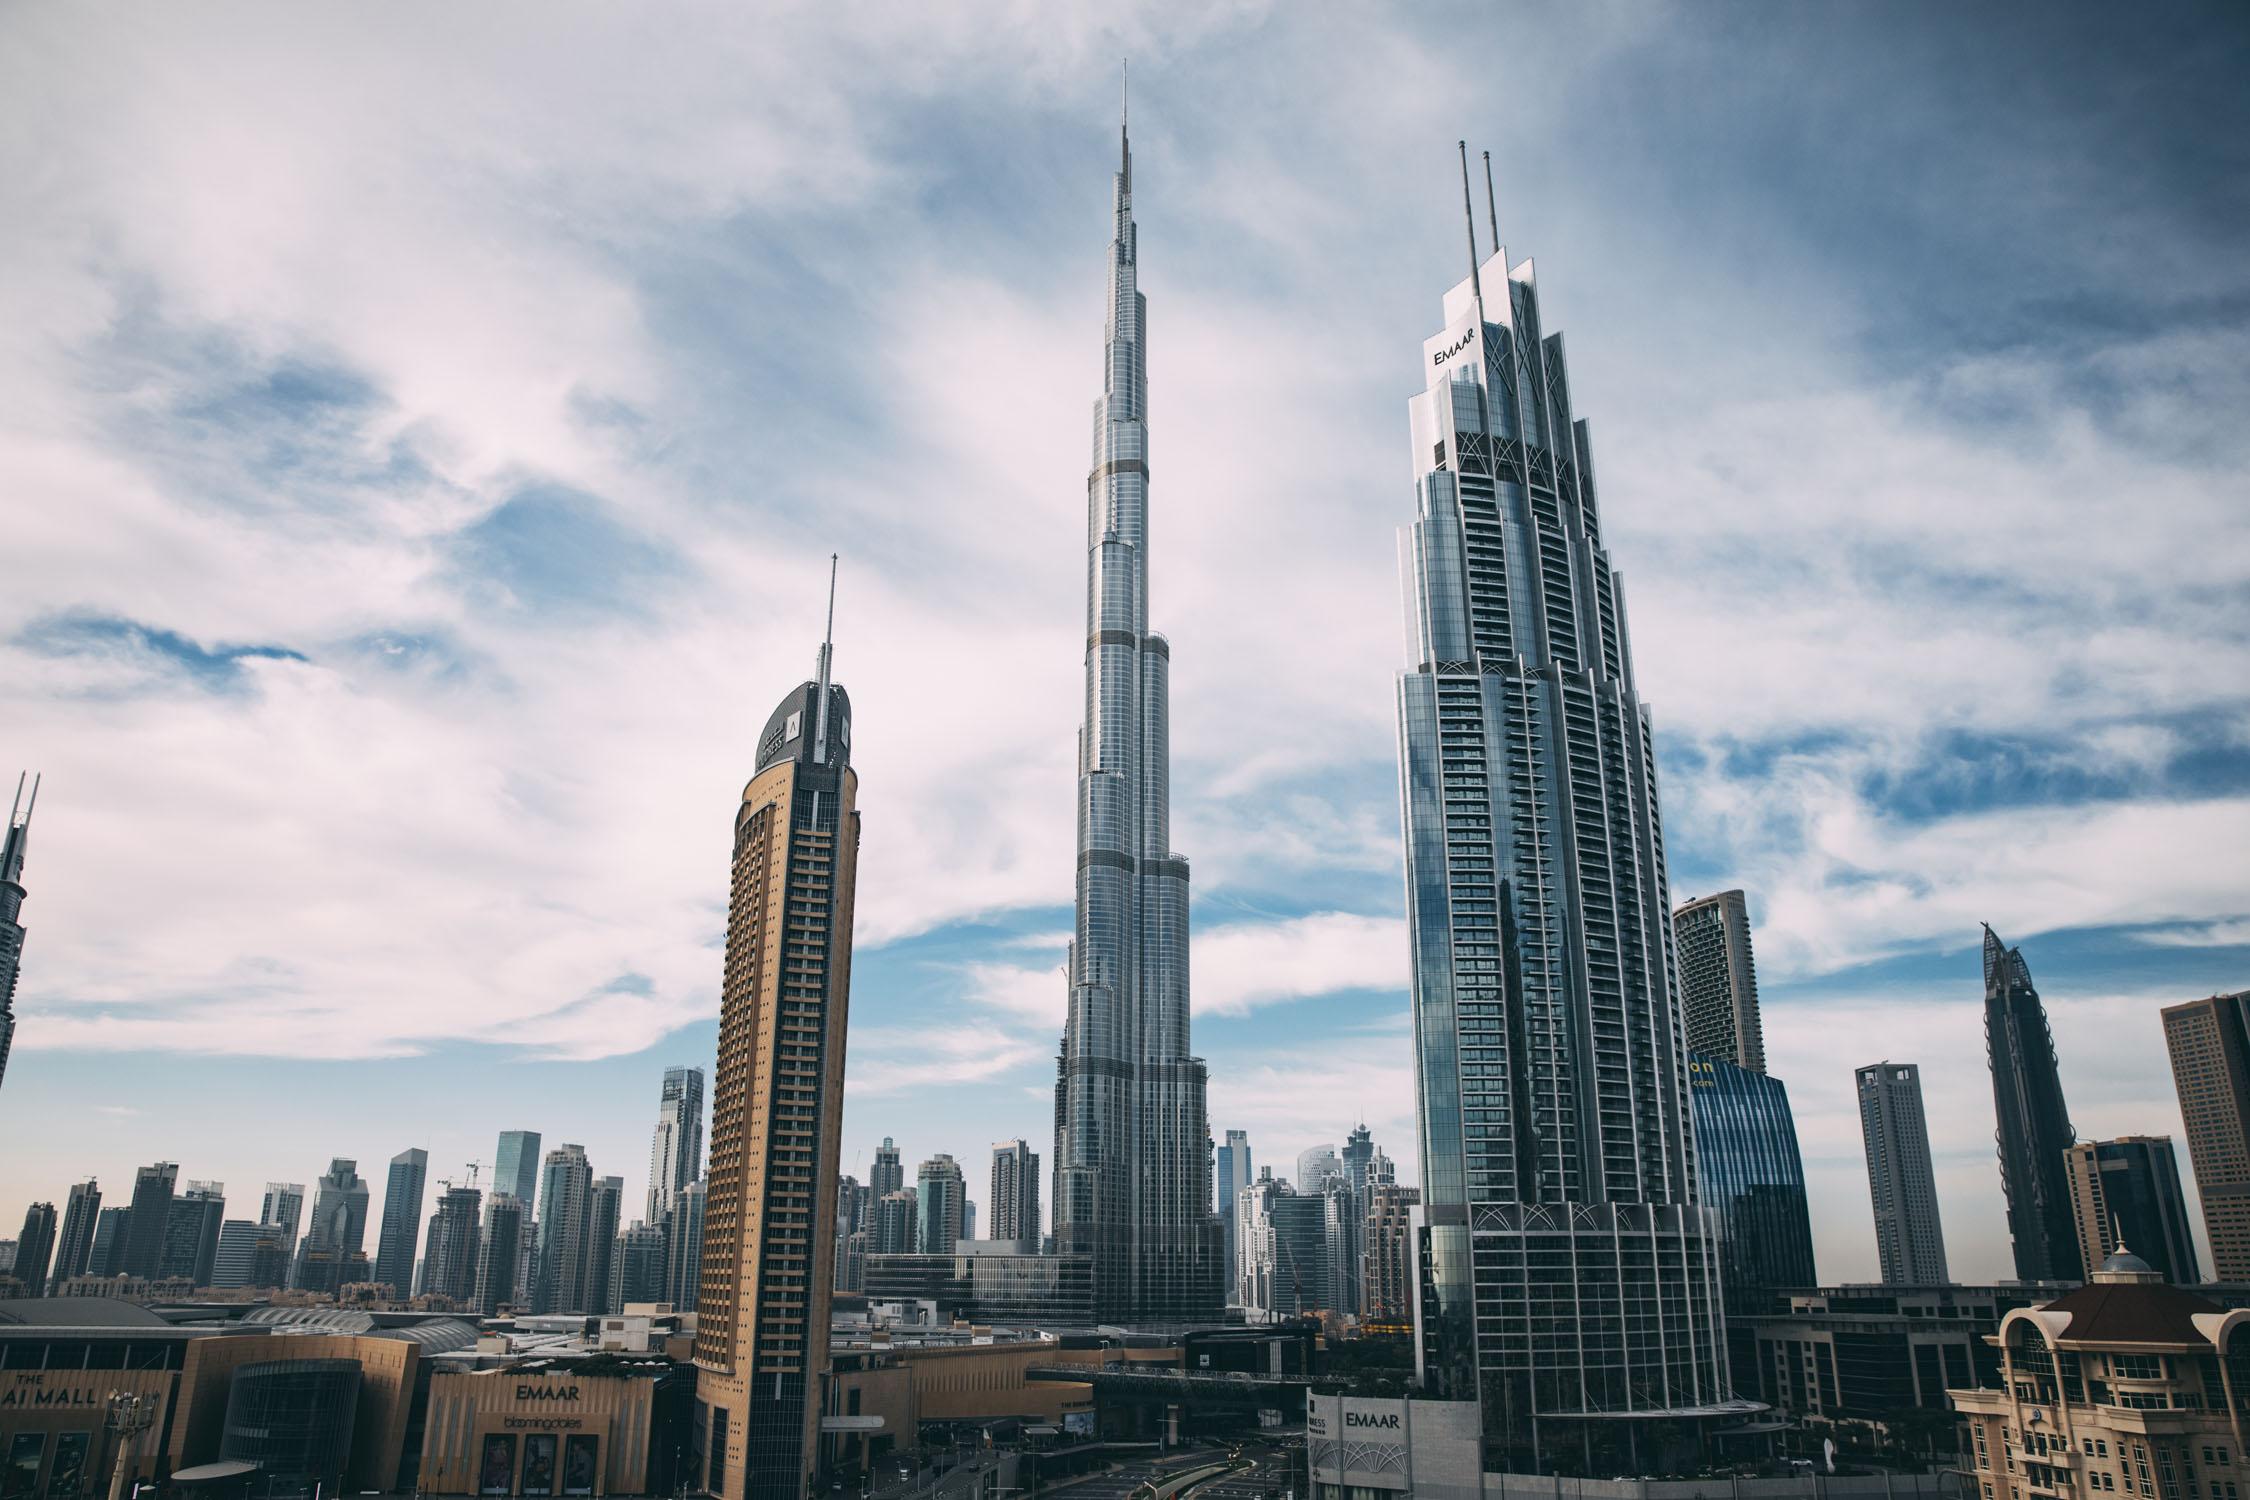 01_2018_12_05_UAE_0481.jpg